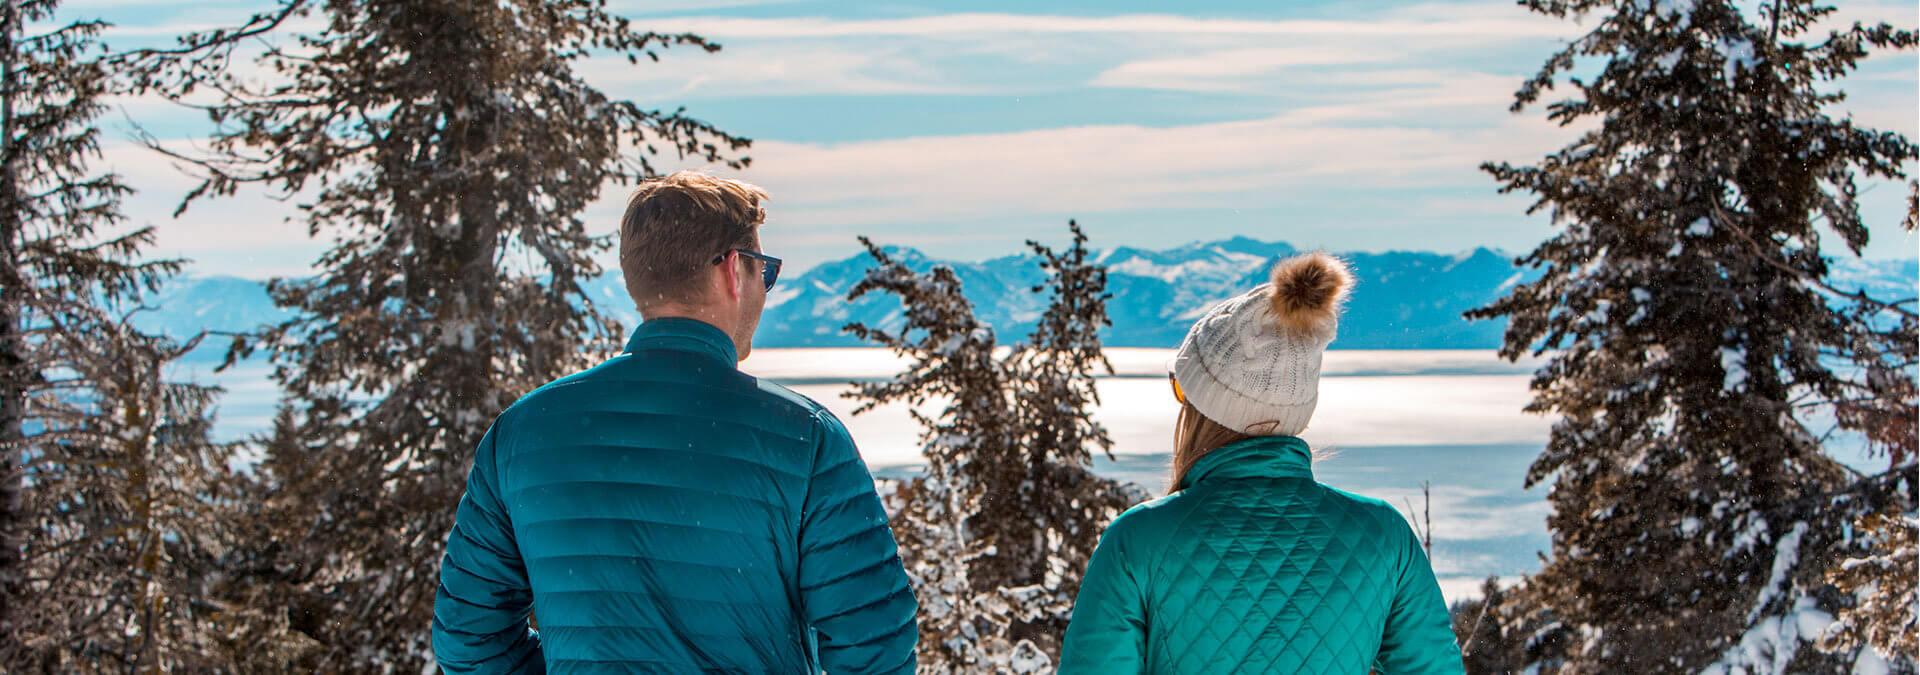 Tahoe region_Winter